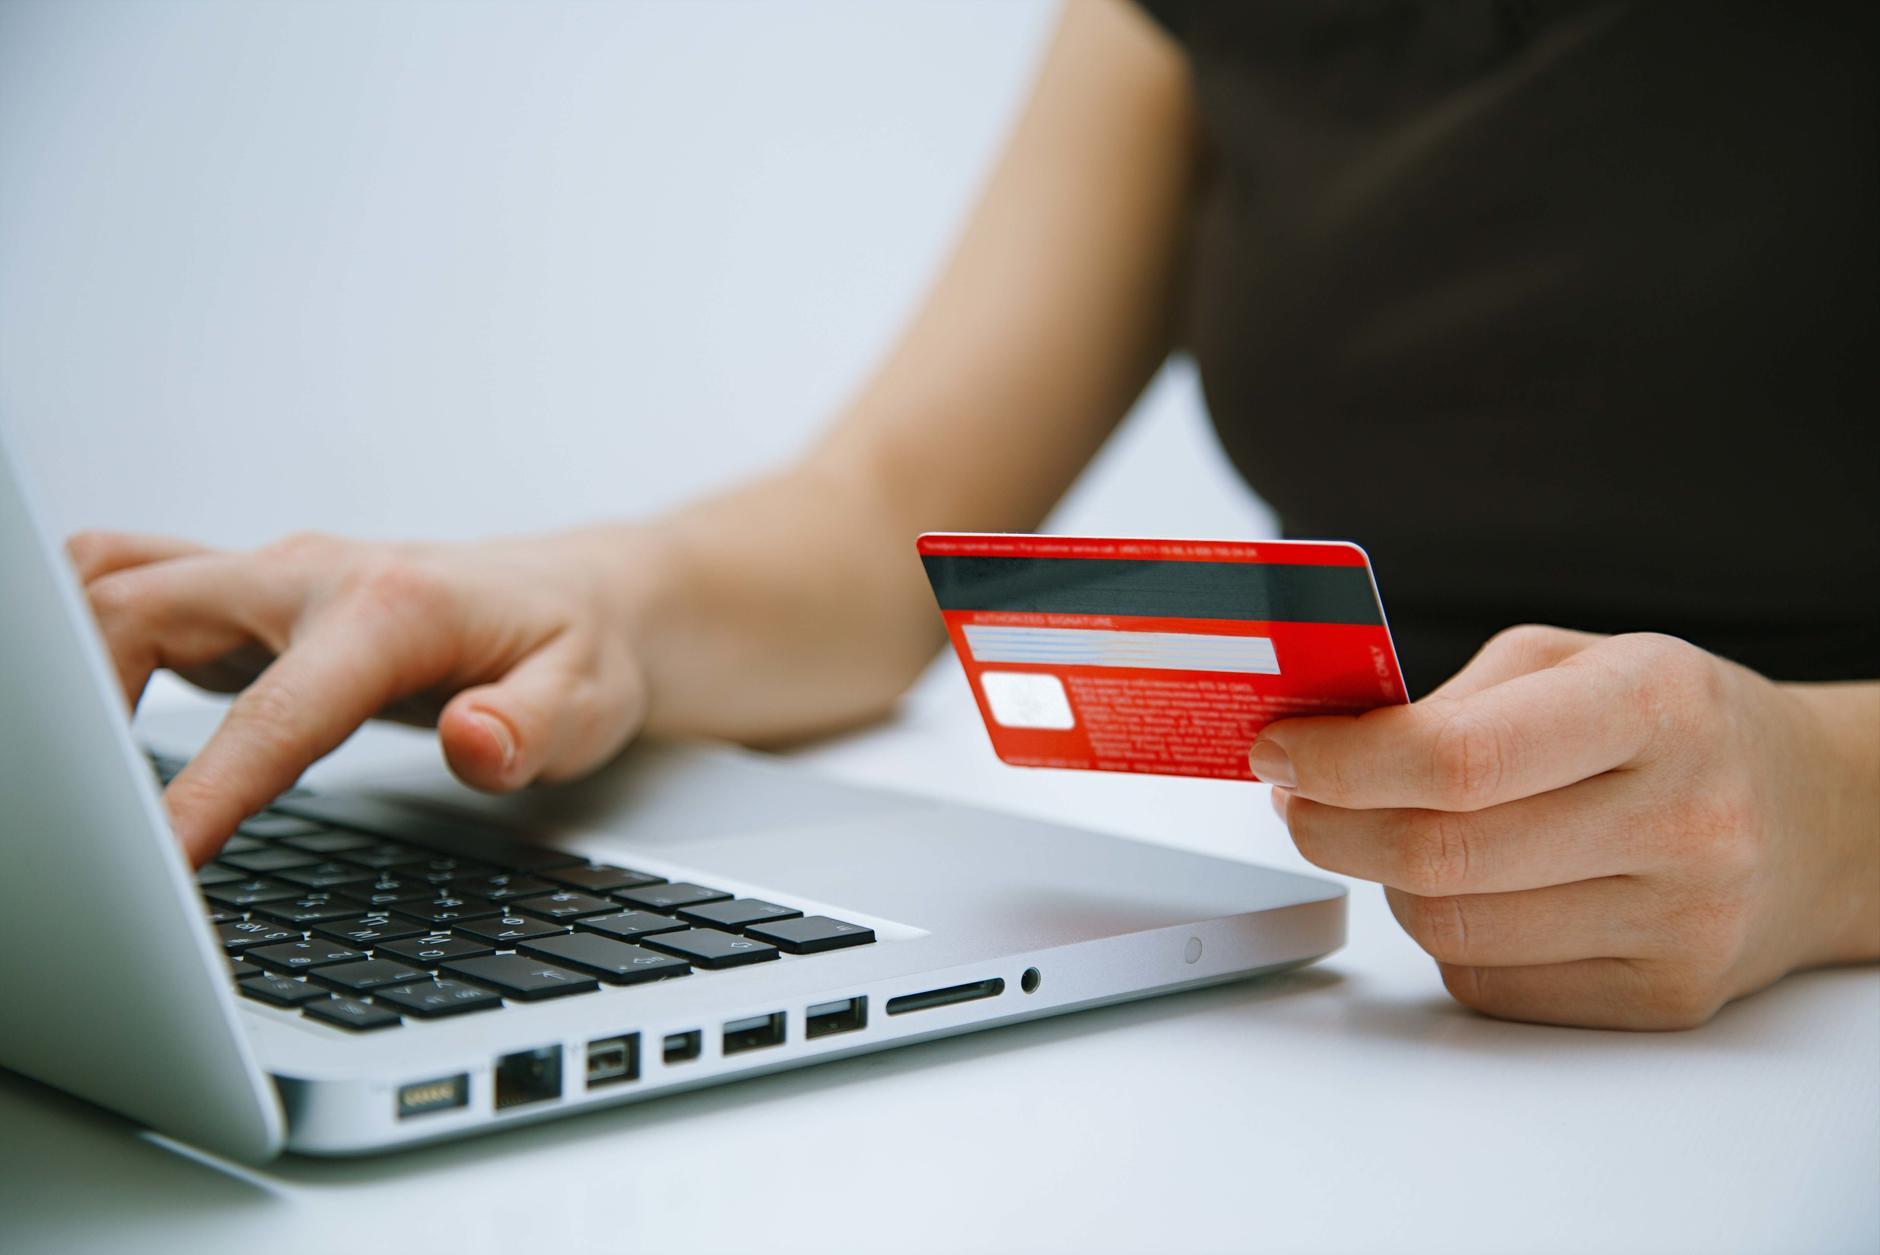 Debata LIVE: Split payment - mechanizm podzielonej płatności - Money.pl